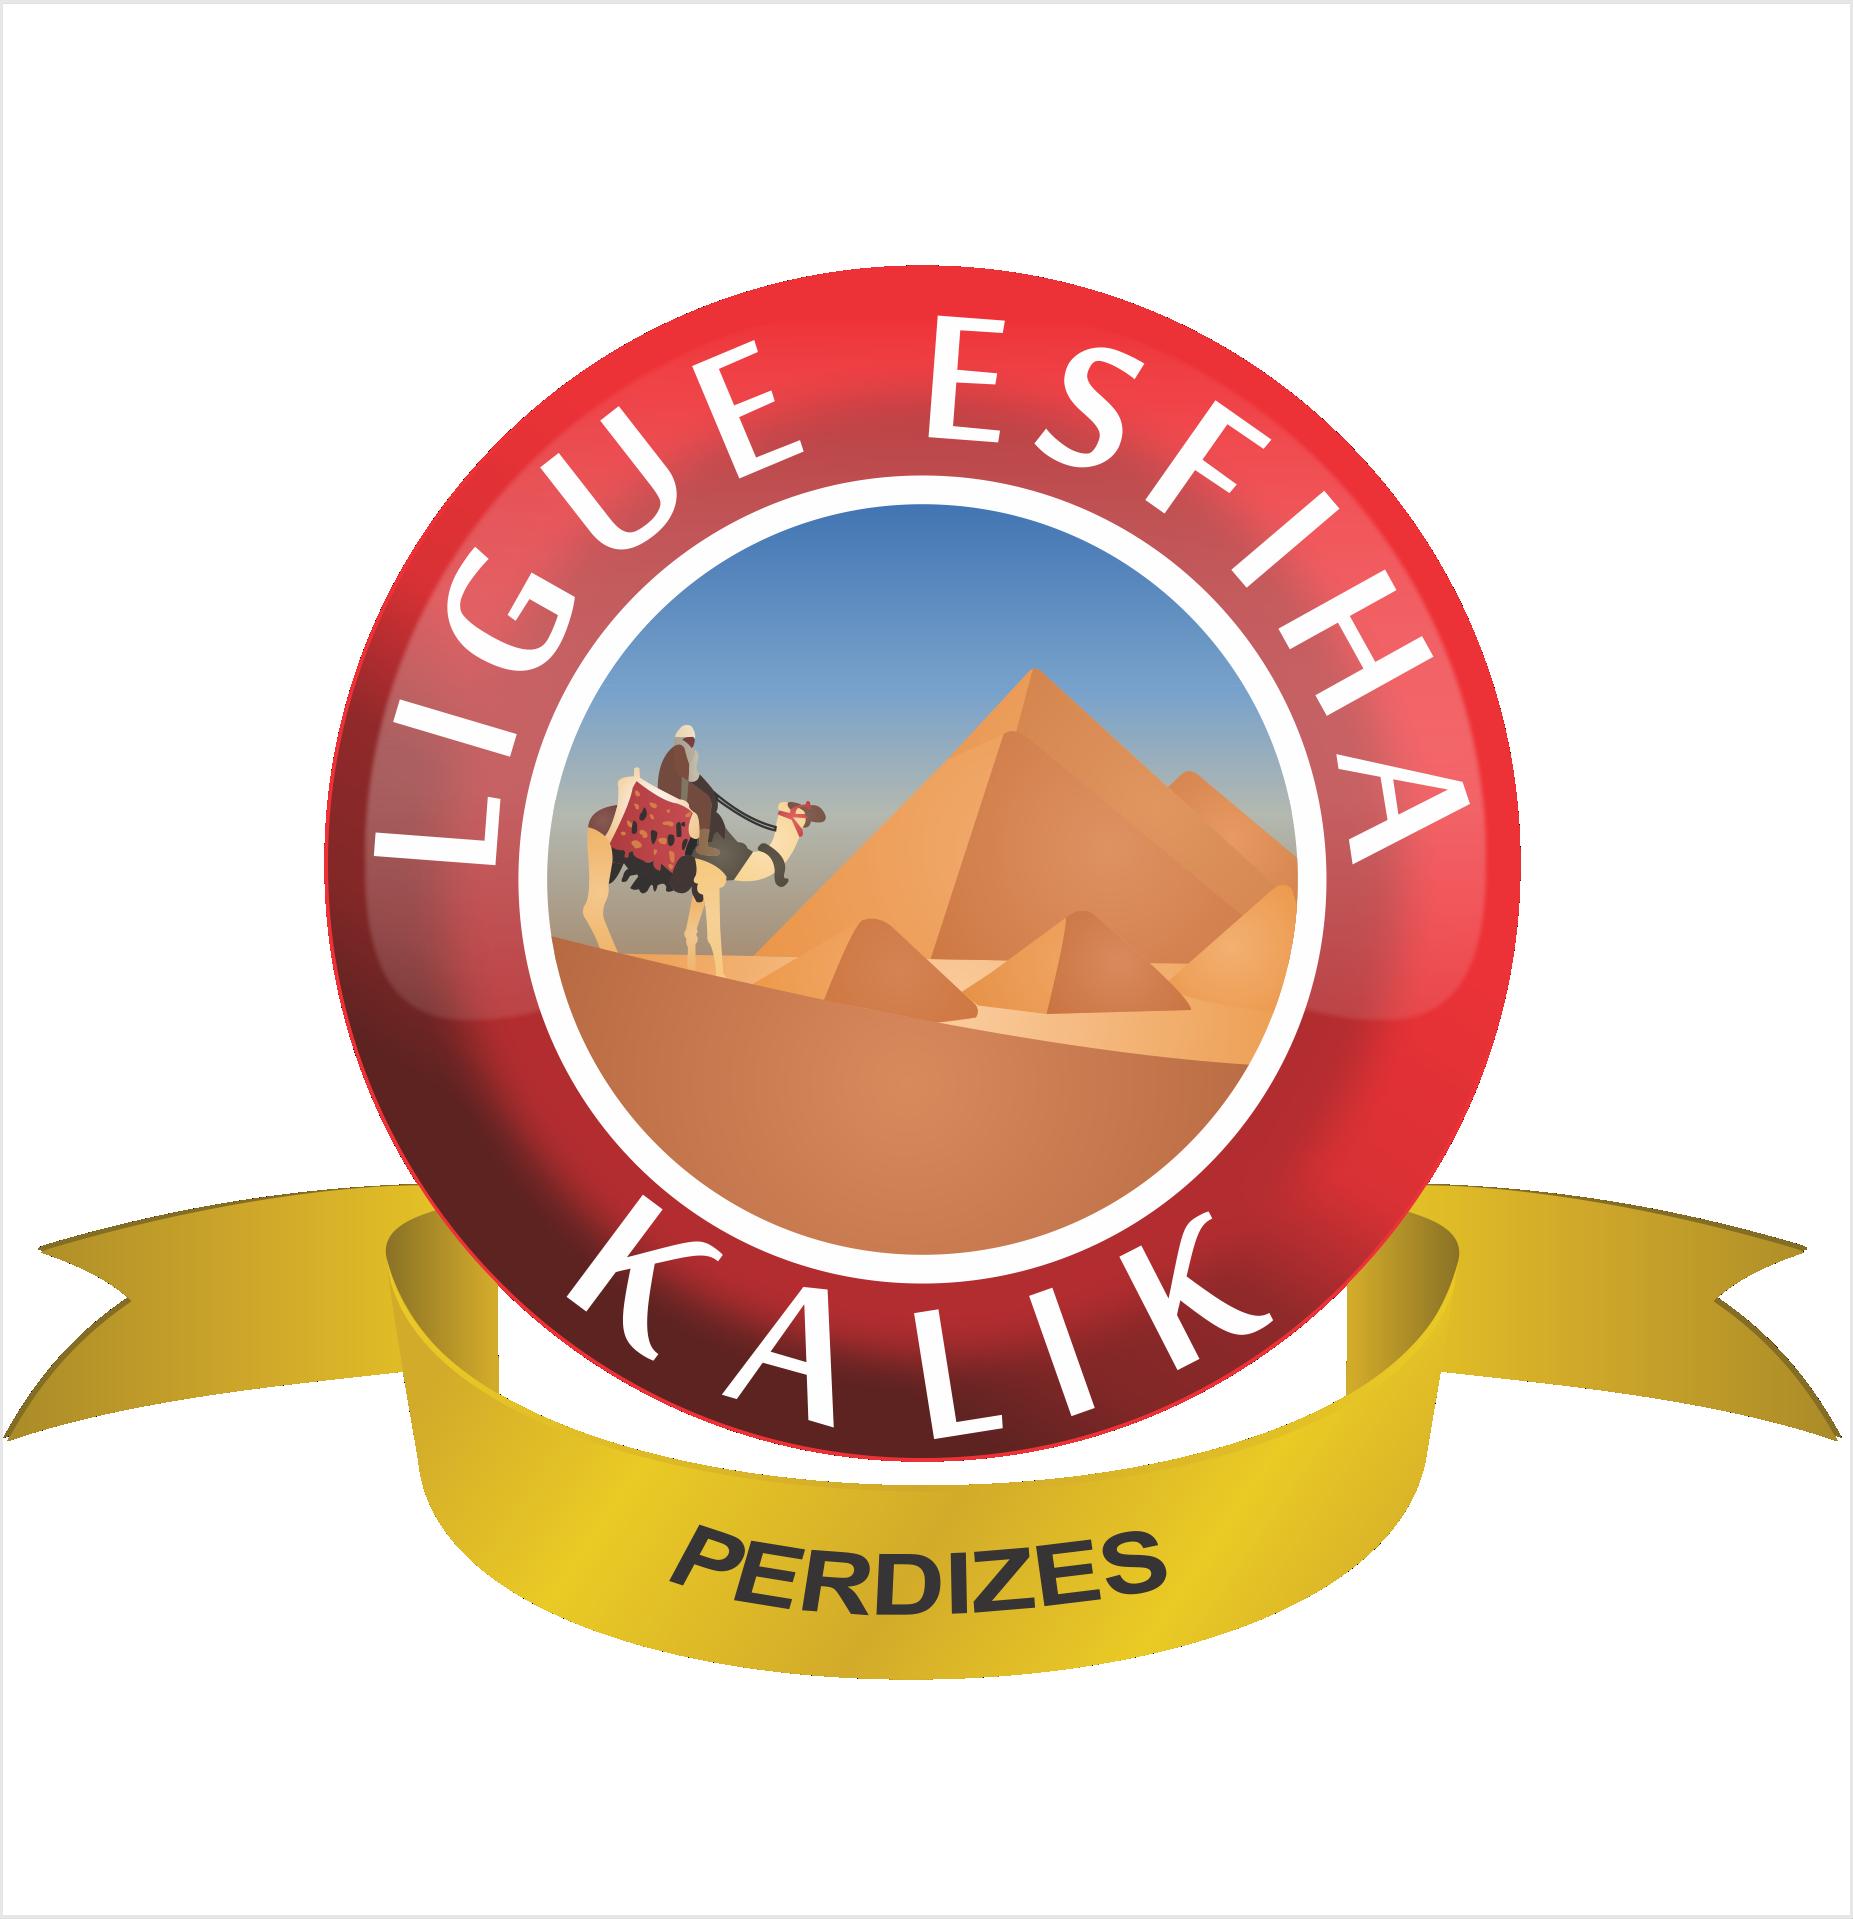 Ligue Esfiha Kalik Perdizes